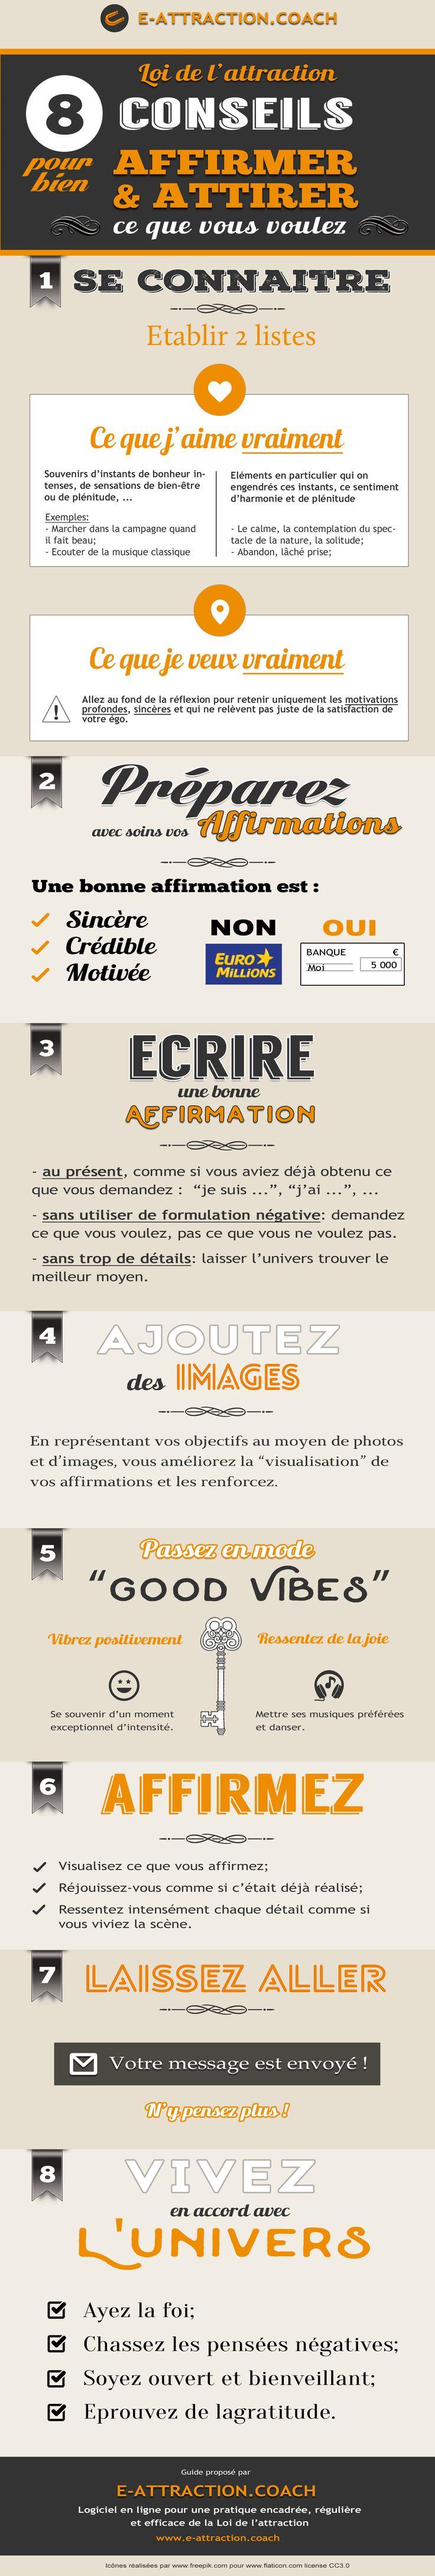 Conseils pour affirmer et pratiquer la Loi de l'Attraction, par www.e-attraction.coach, logiciel en ligne pour une pratique régulière et efficace de la Loi de l'attraction